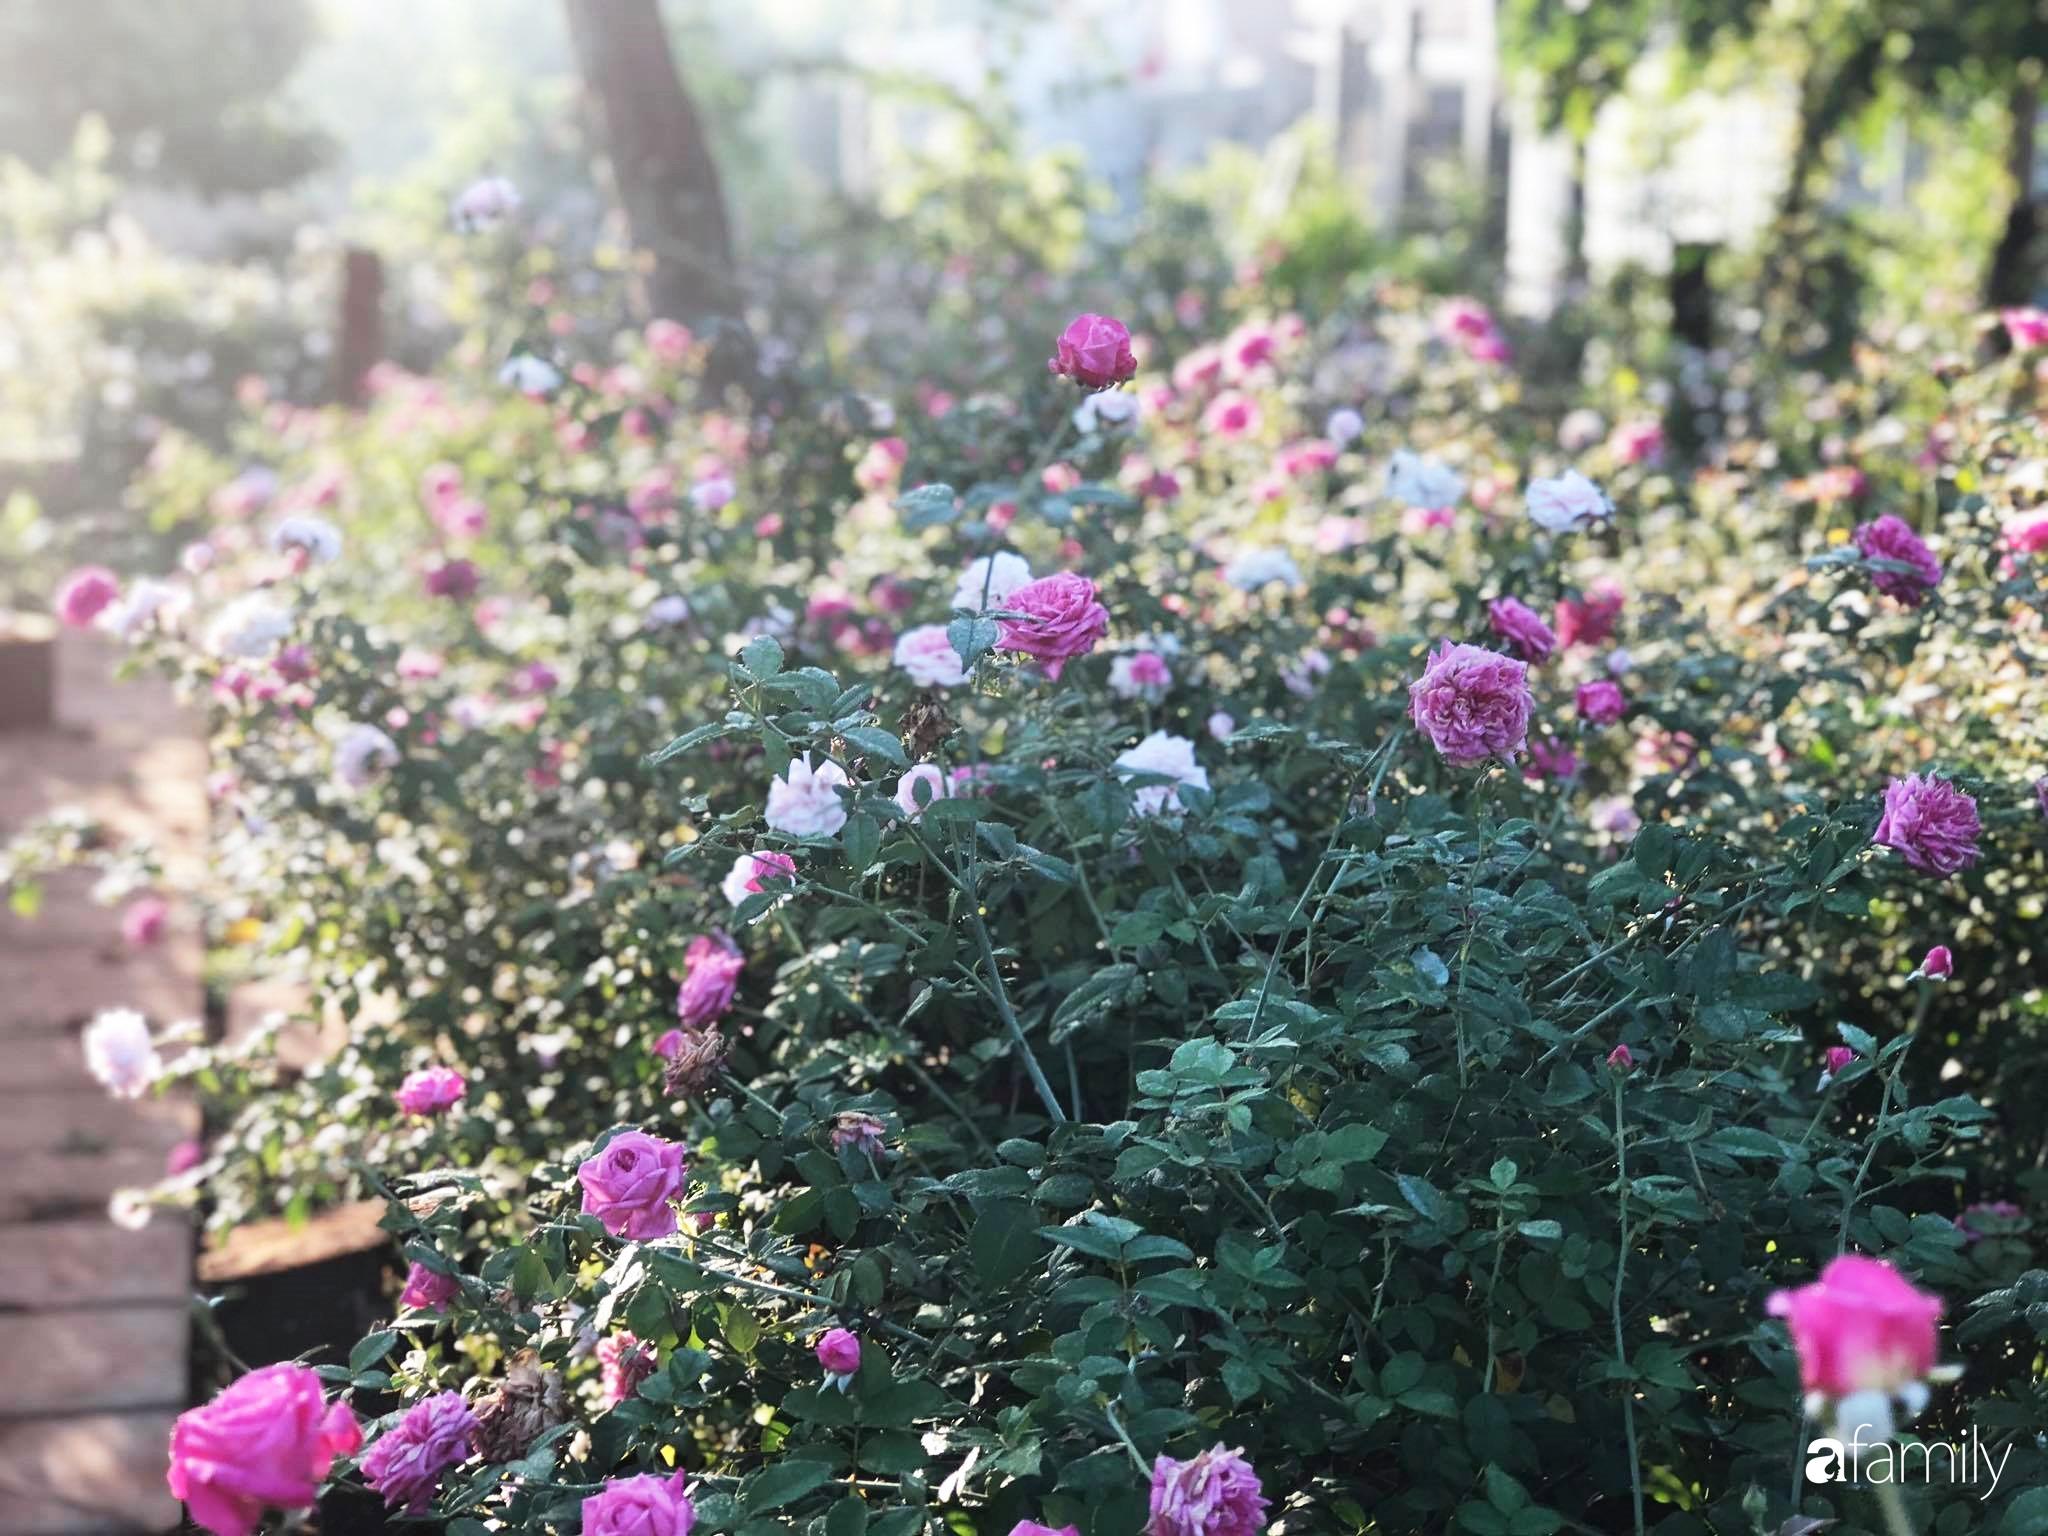 Khu vườn hoa hồng đẹp như cổ tích mà người chồng ngày đêm chăm sóc để tặng vợ con ở Vũng Tàu-22